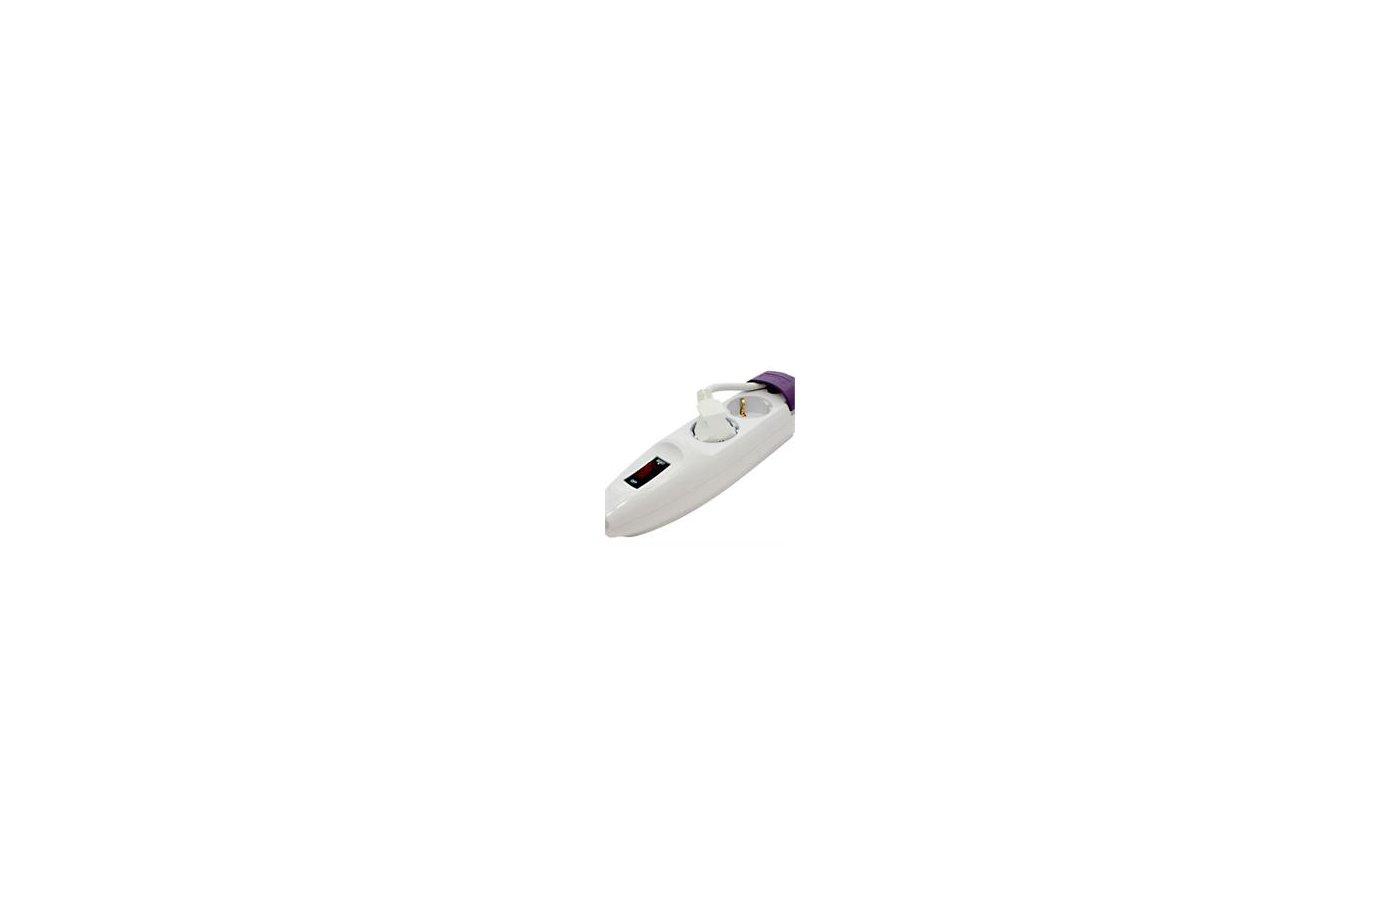 Удлинитель Vinon 2x 1.8м выкл 10А (12212)